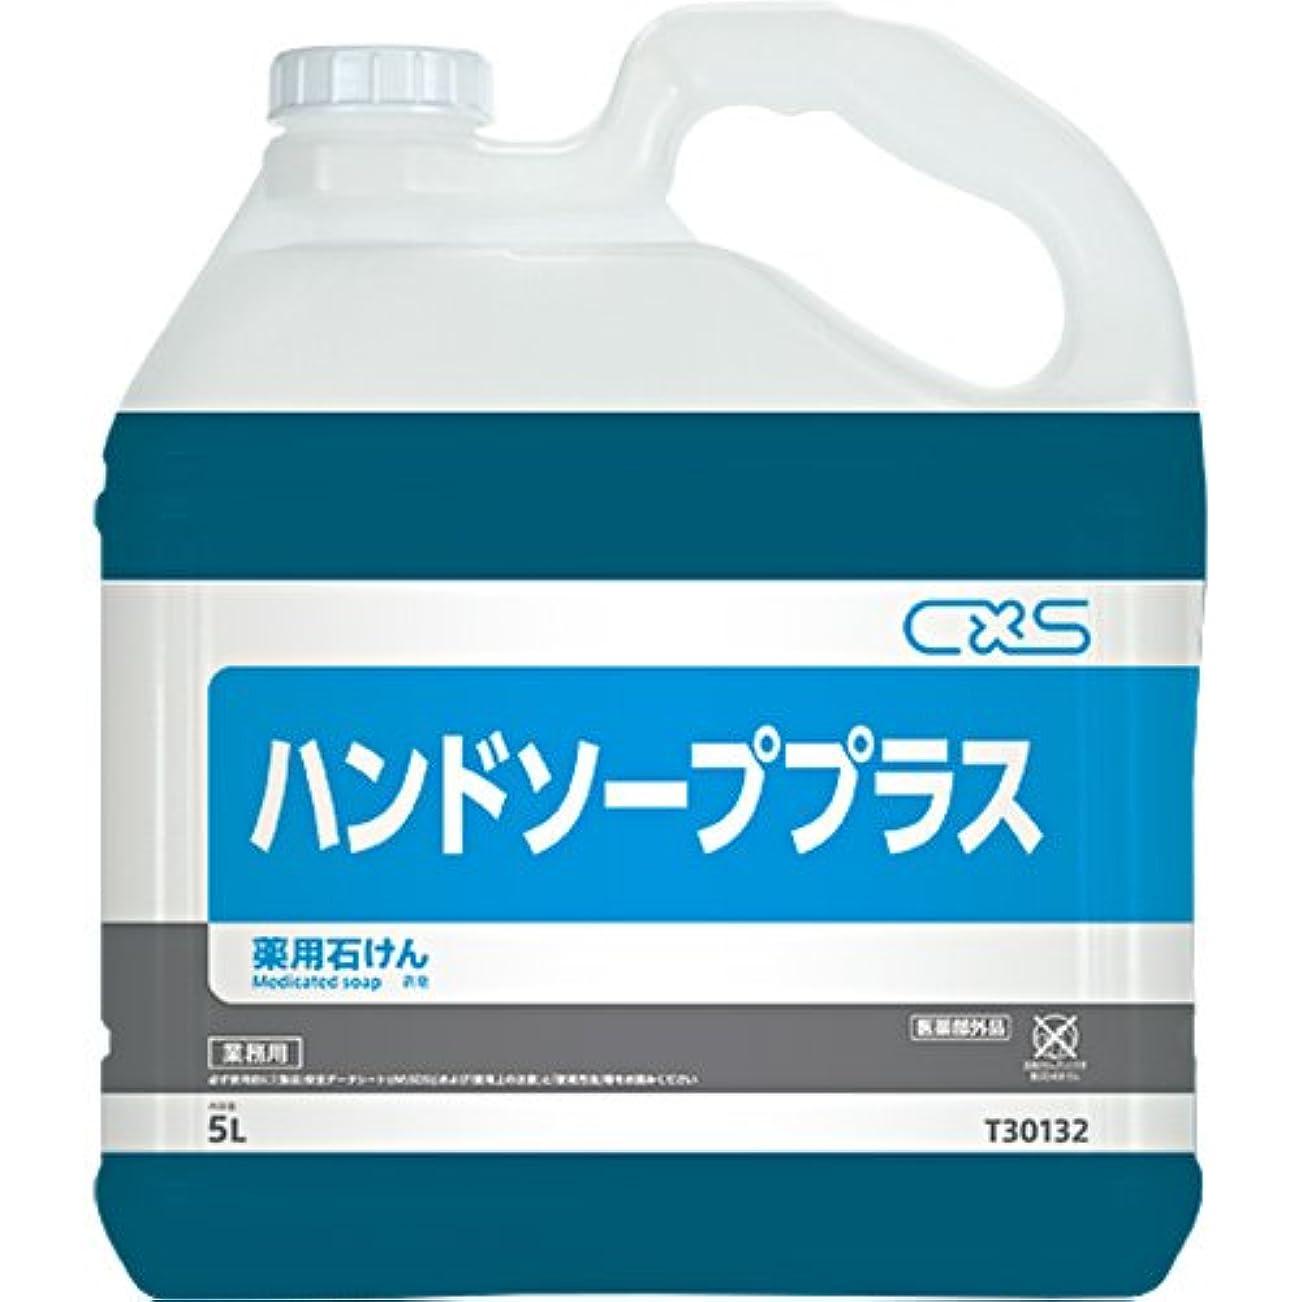 窒素適切においしいシーバイエス ハンドソーププラス 5L 2本セット